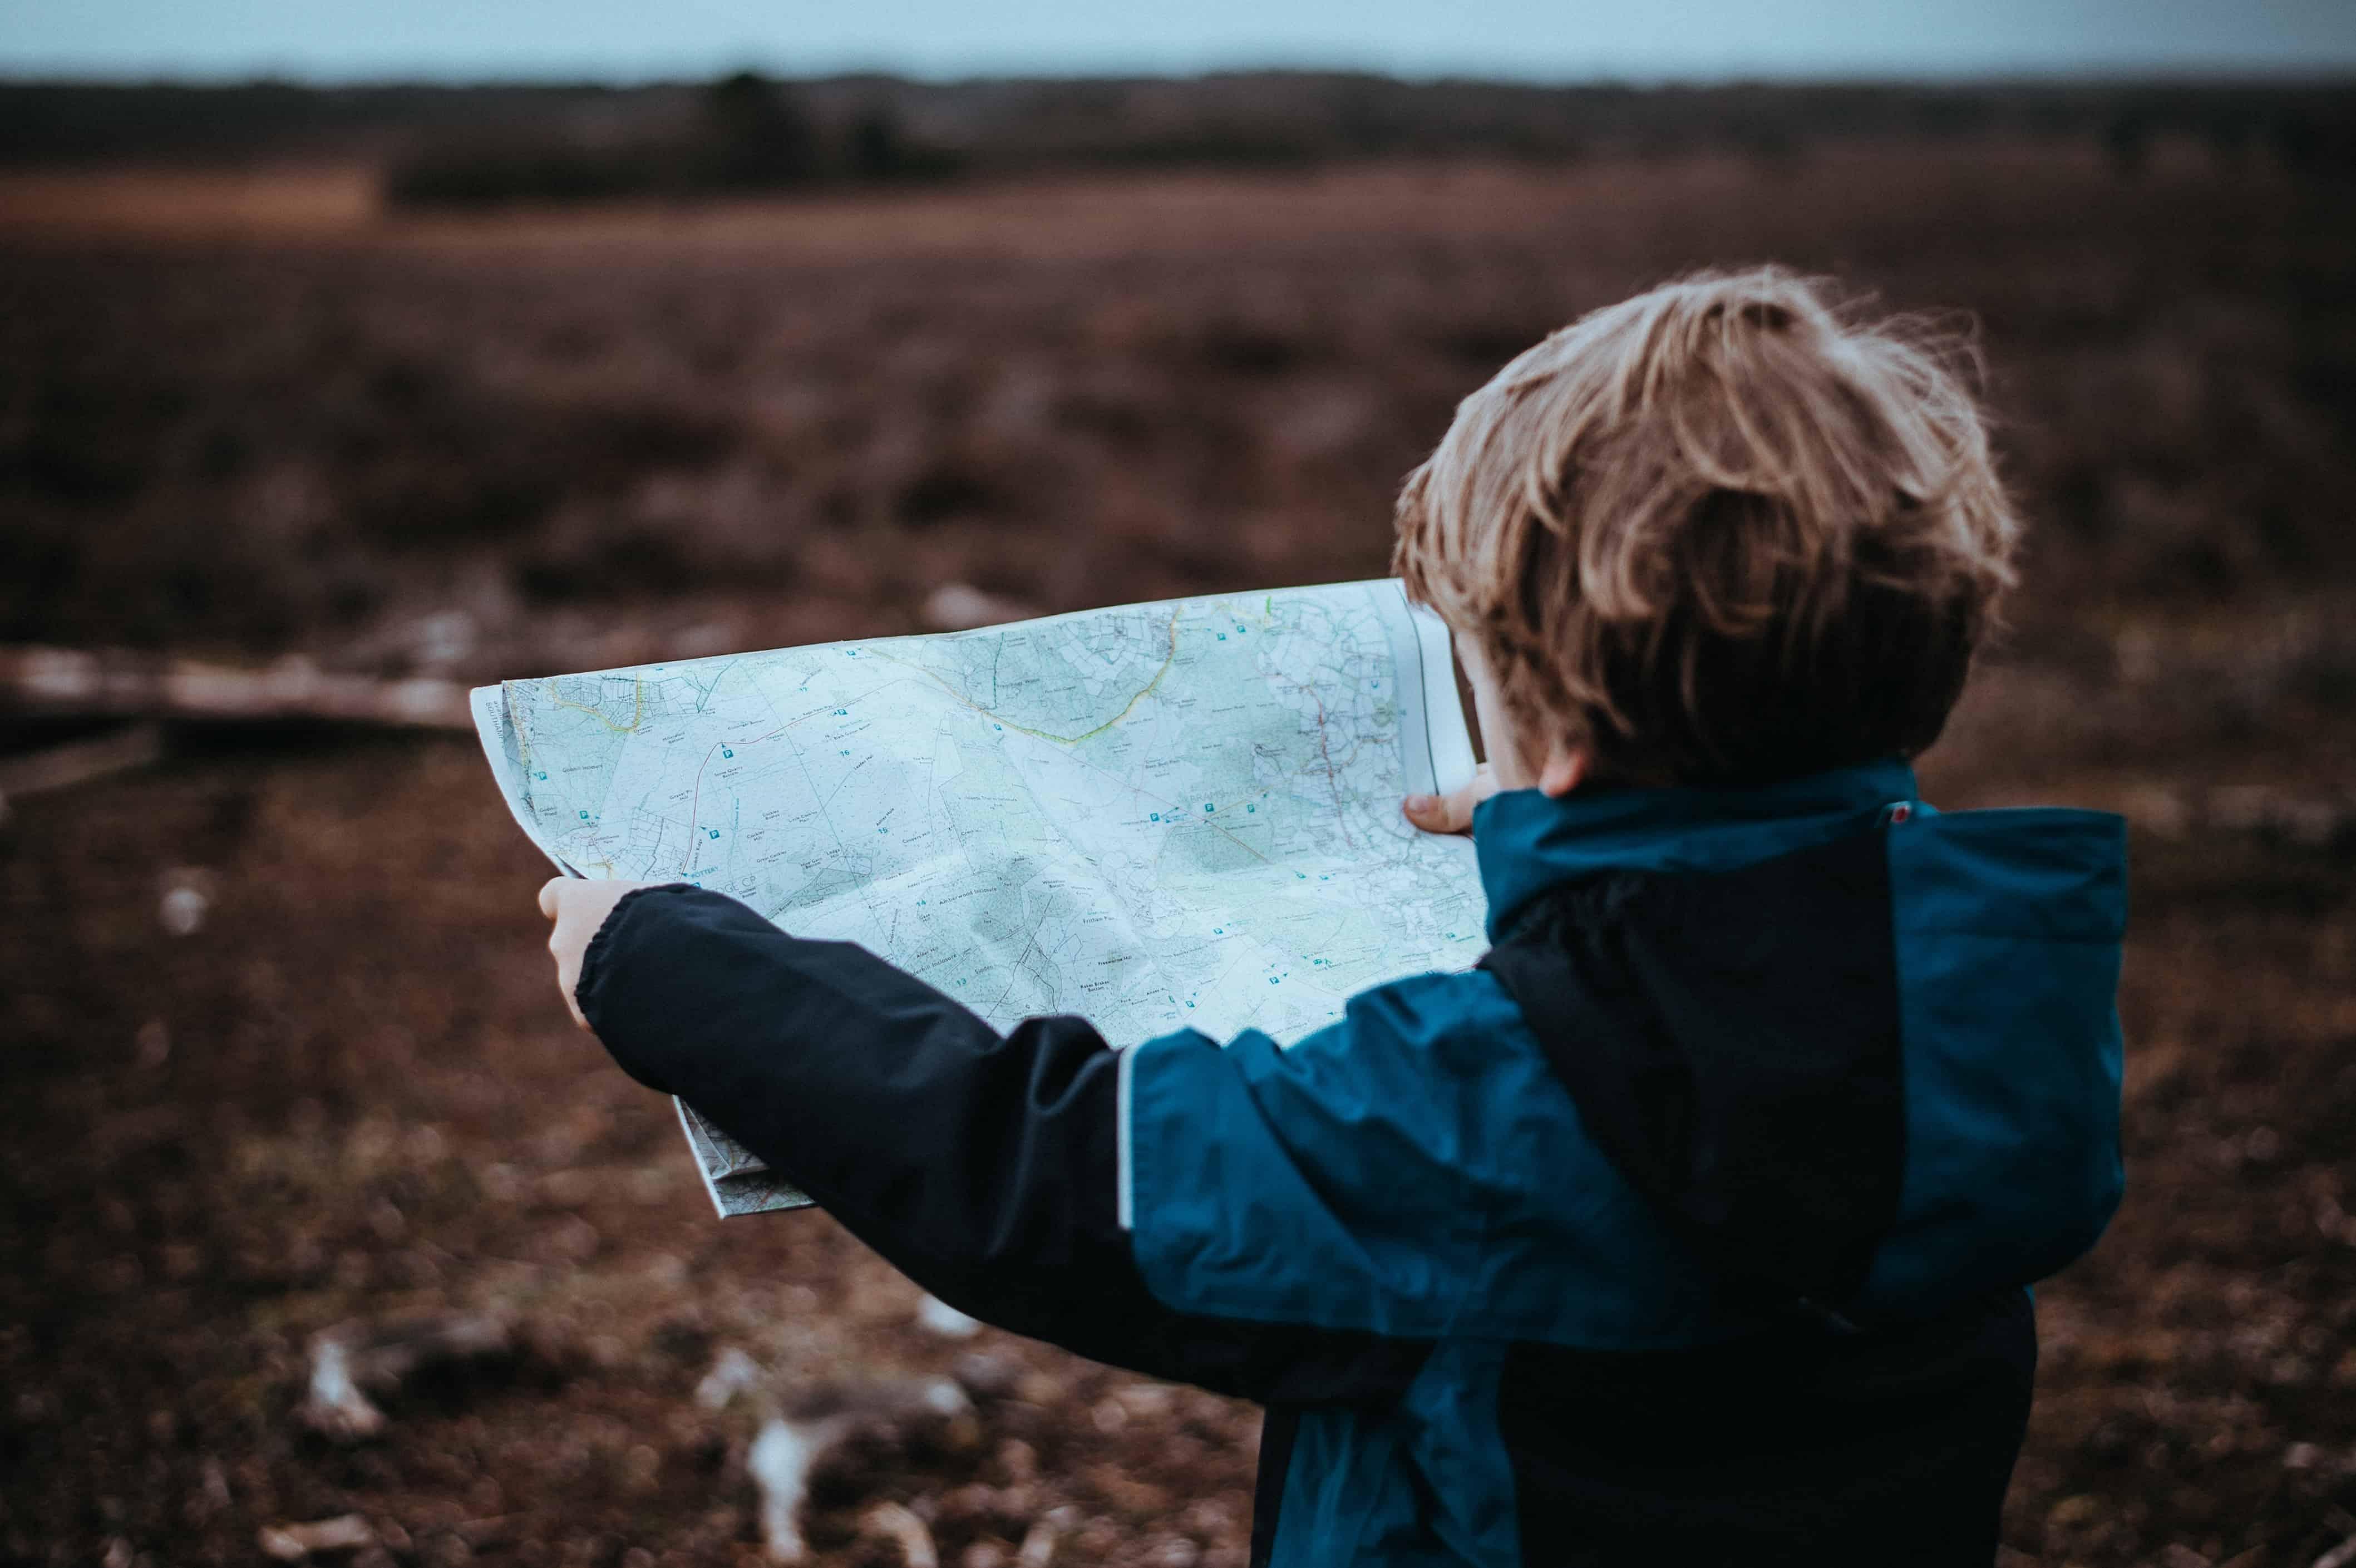 le coschooling peut trouver sa place dans les situations quotidiennes, comme lire une carte